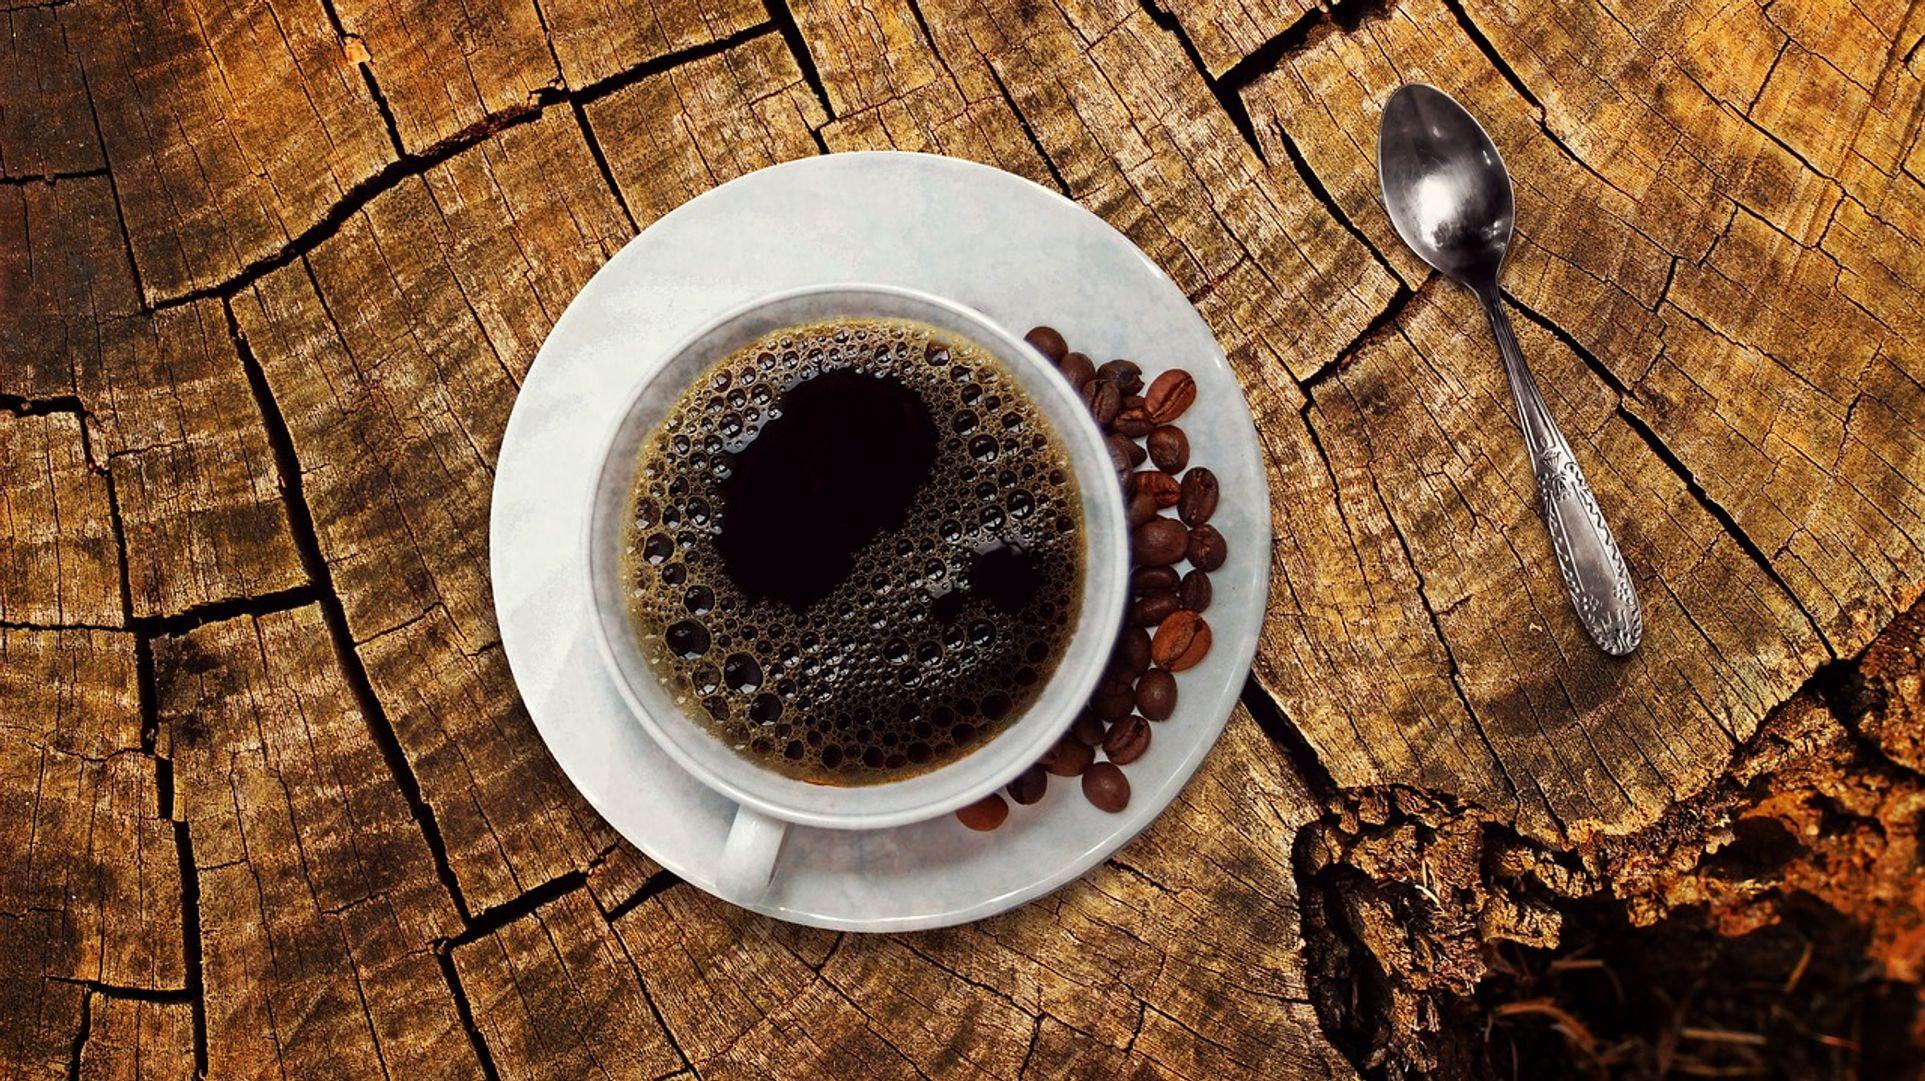 La Golfo propone diversi tipi di miscele dal gusto diverso: armonioso e consistente, dolce e aromatico o corposo e avvolgente a seconda delle richieste e delle esigenze ma affianca ed assiste il cliente anche nella fornitura della necessaria componentistica e dell'appropriata attrezzatura da bar. caffè del golfo, caffè , capsule, emporio 9,